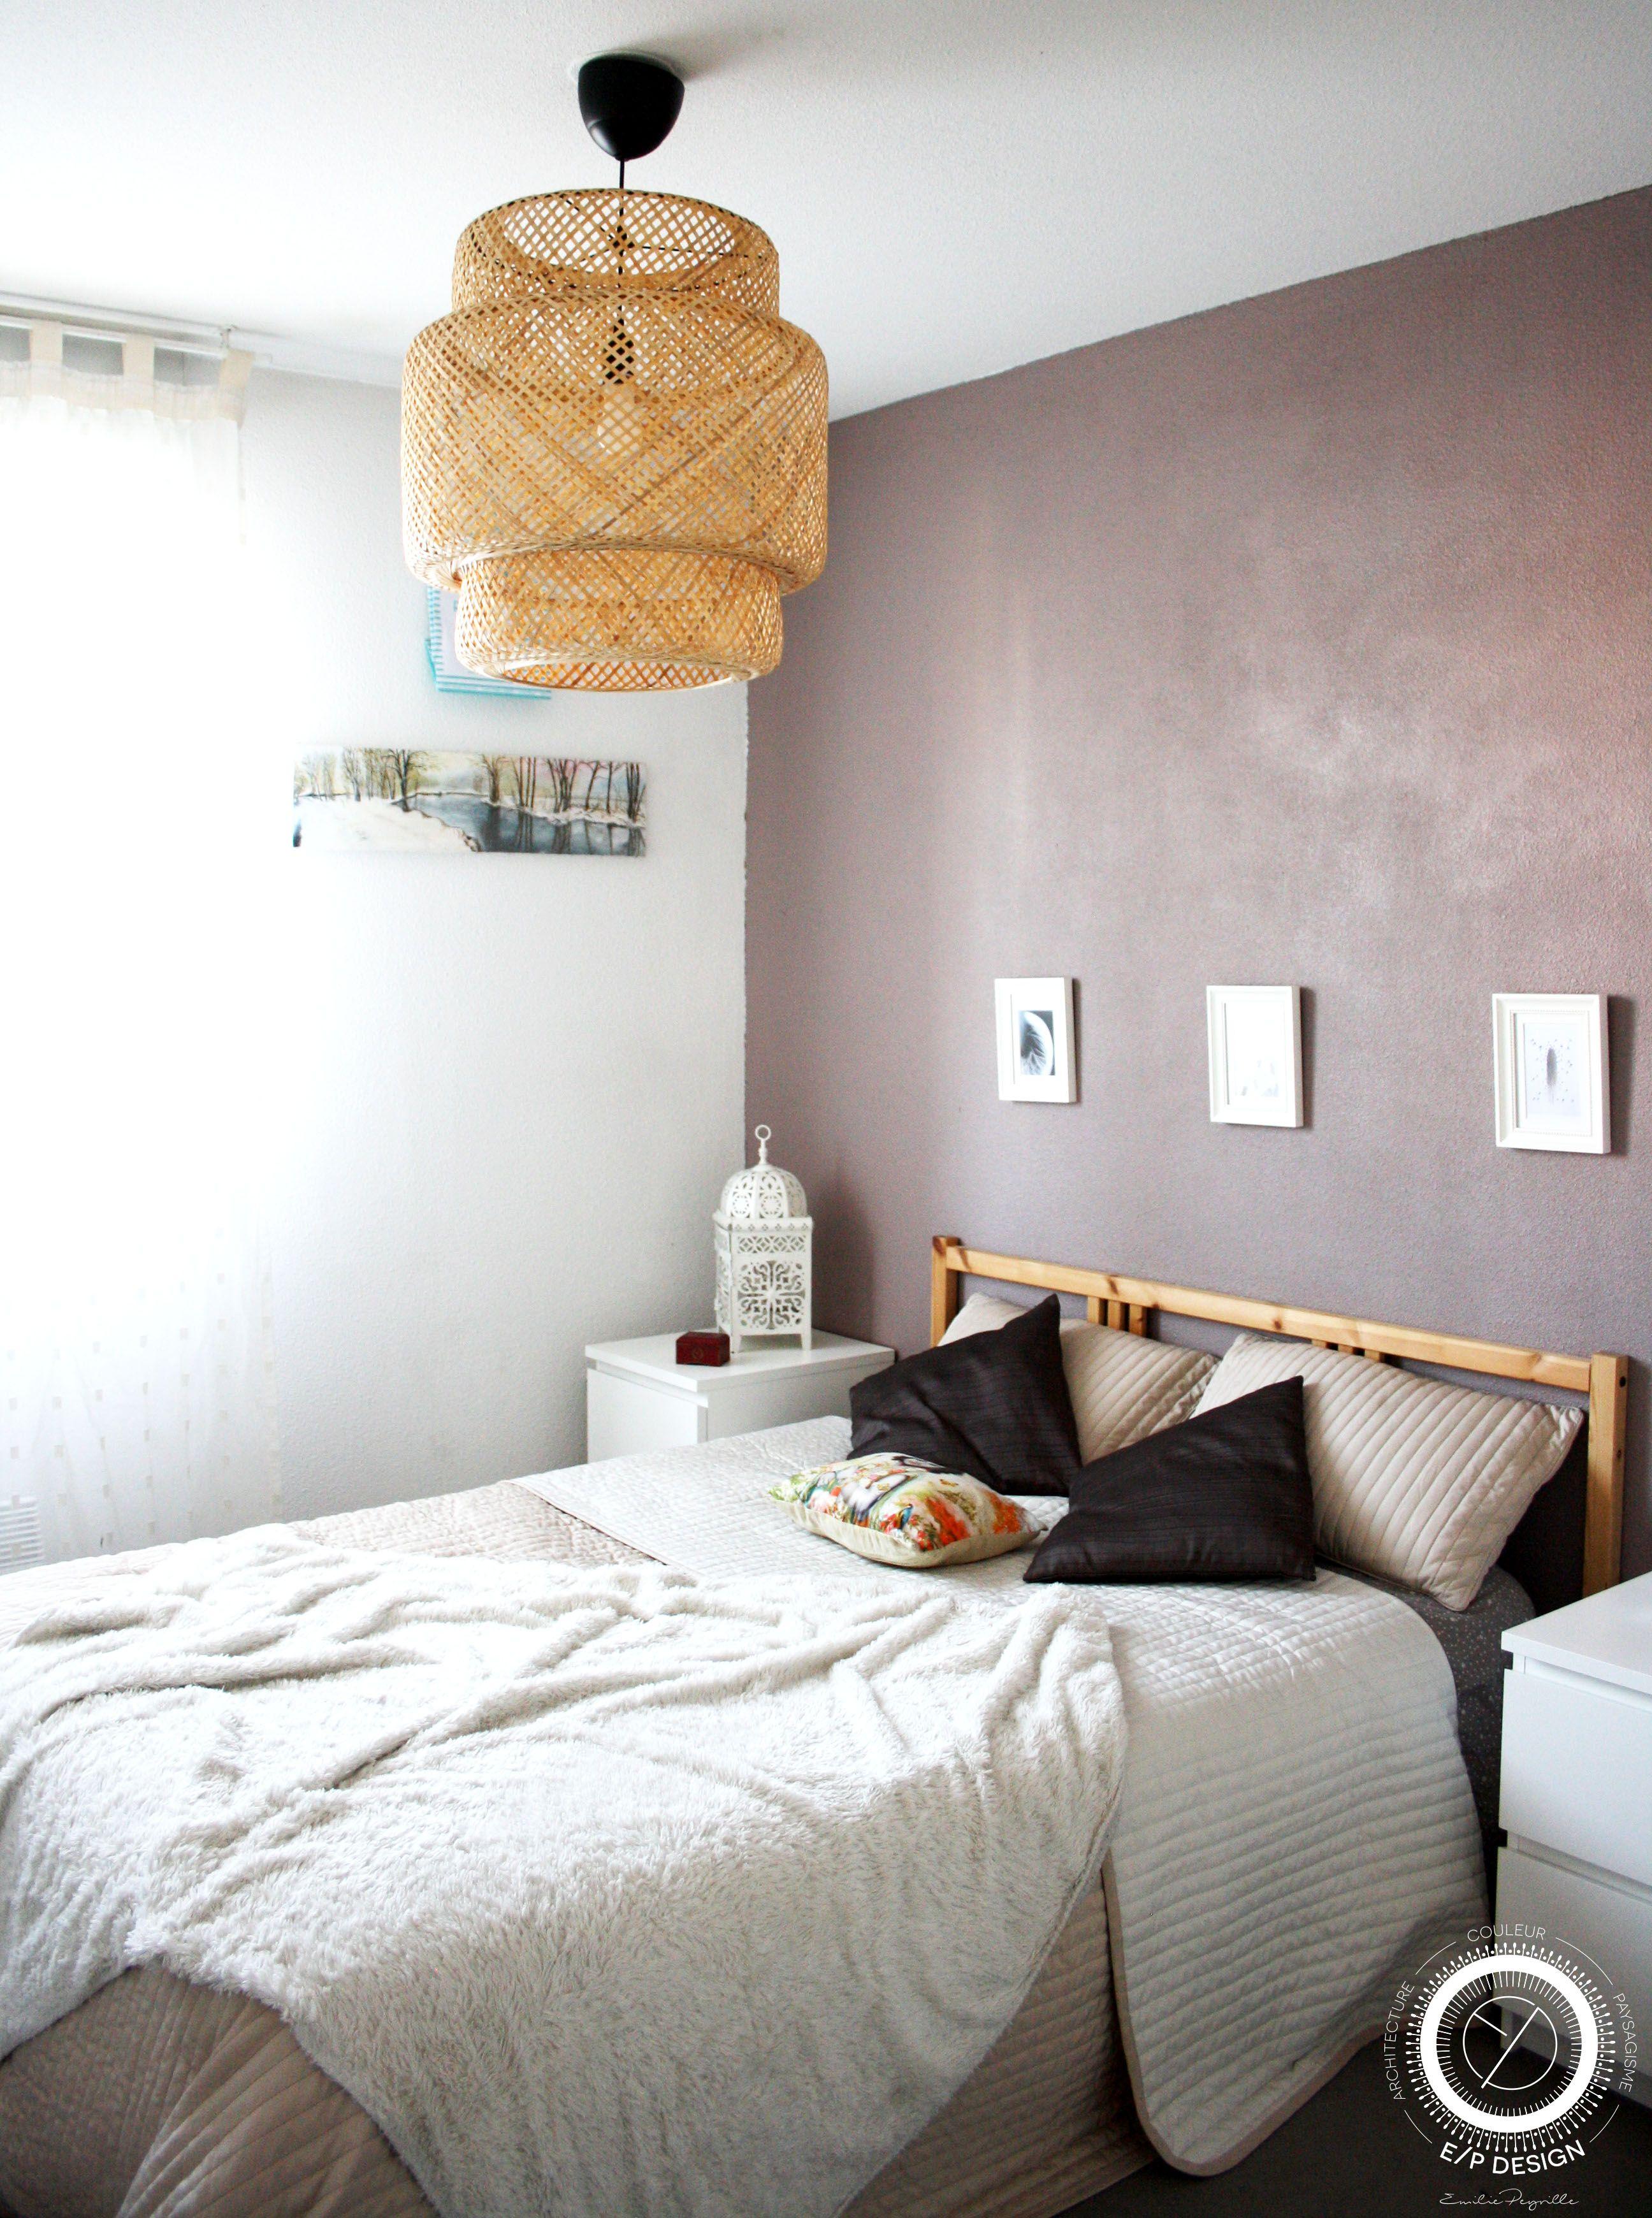 Décoration d'une chambre cocooning, une chambre en camaieu de ...